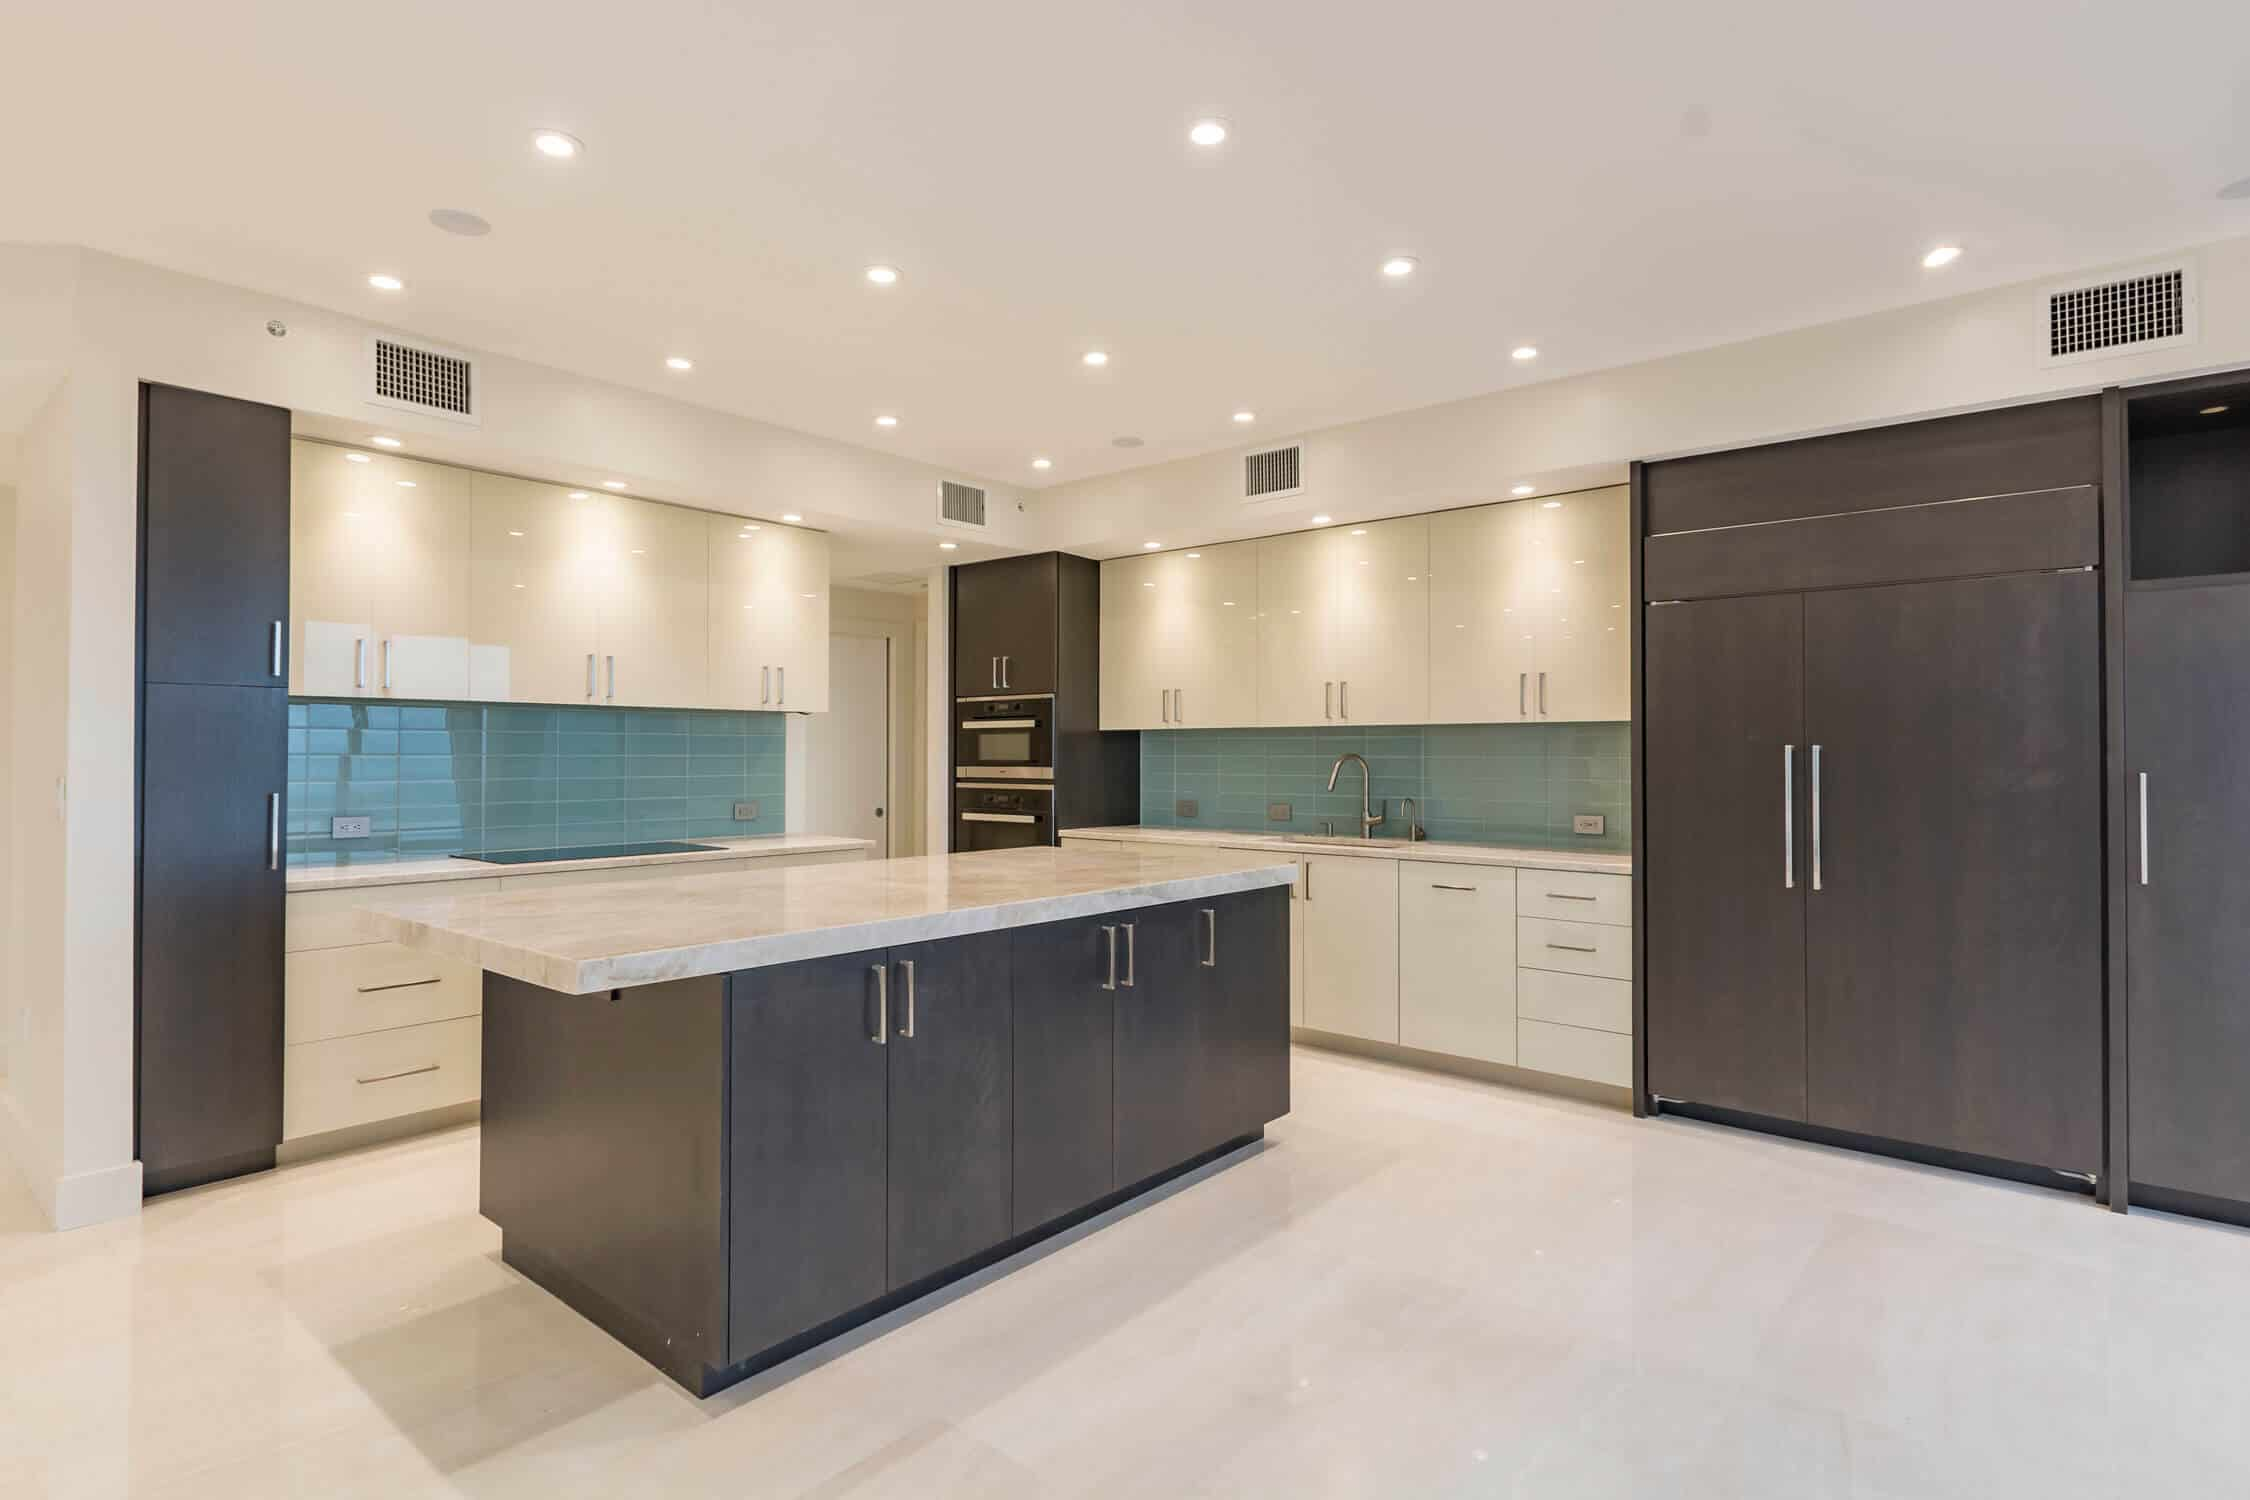 elegant kitchen in condo remodel